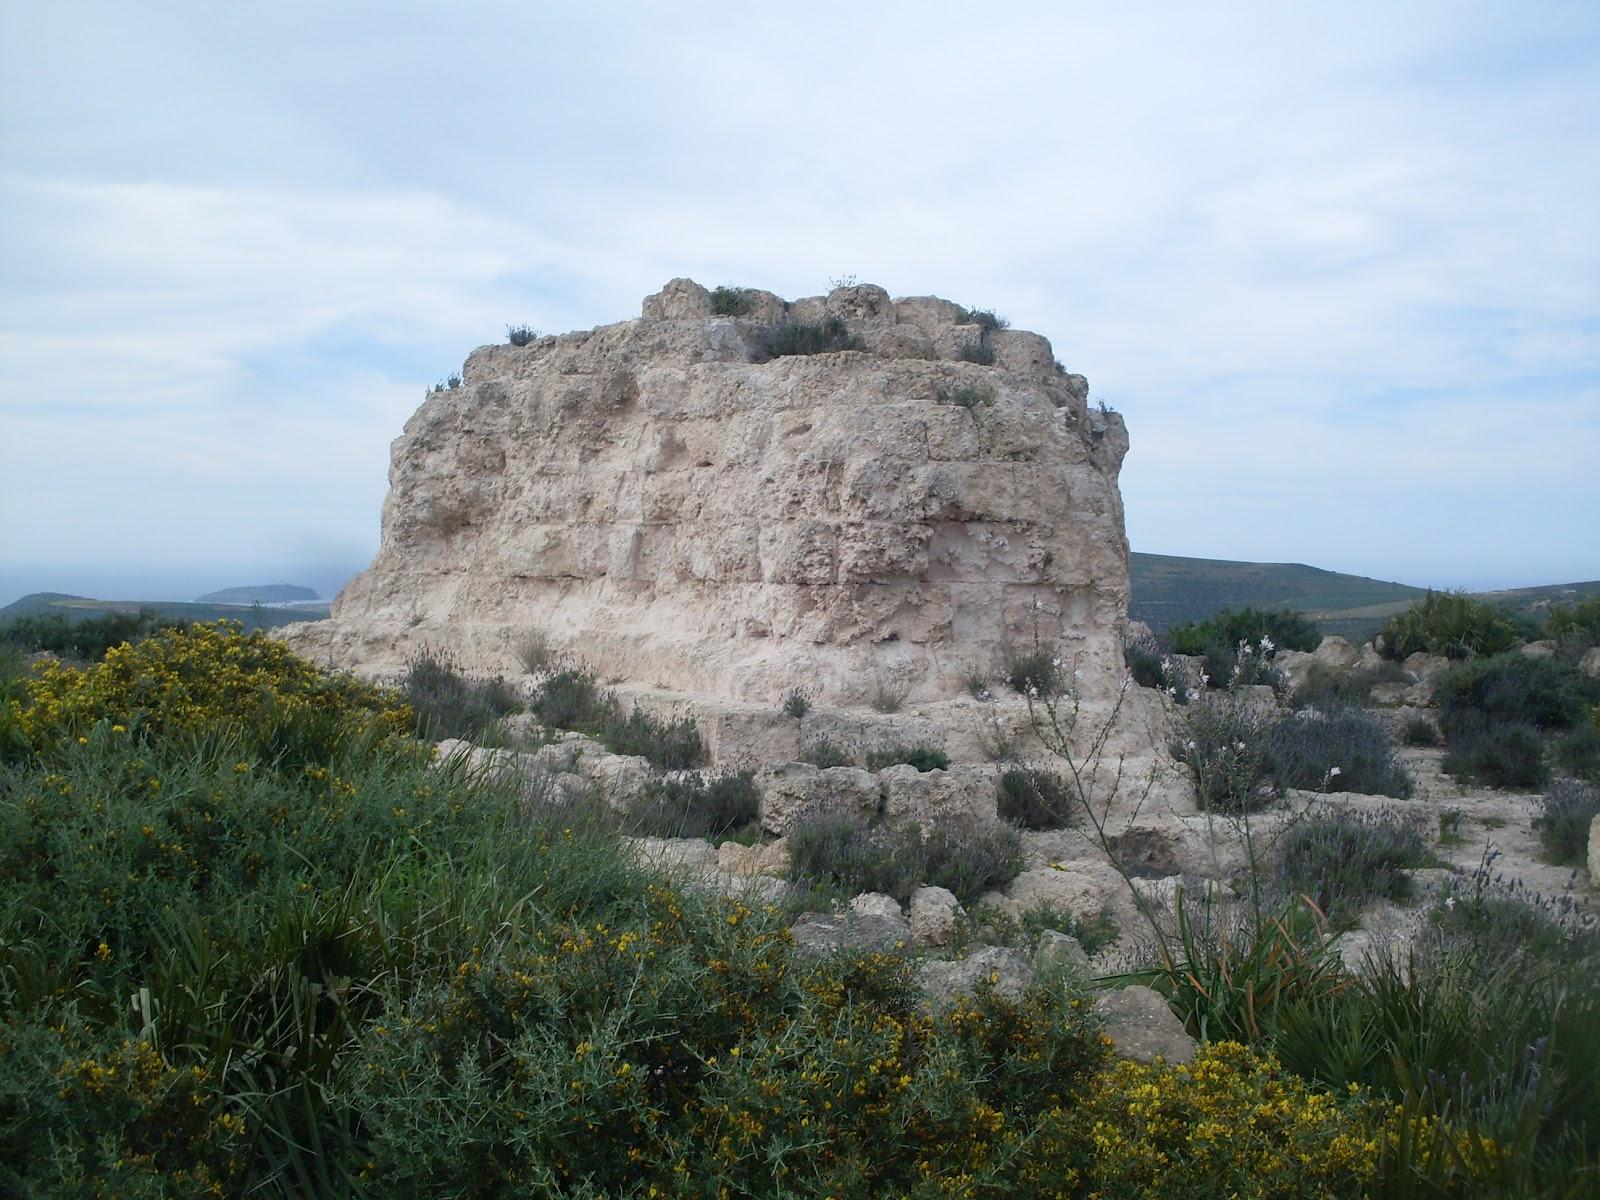 ضريح الملك سيفاكس بتكاميرت (الجزائر)